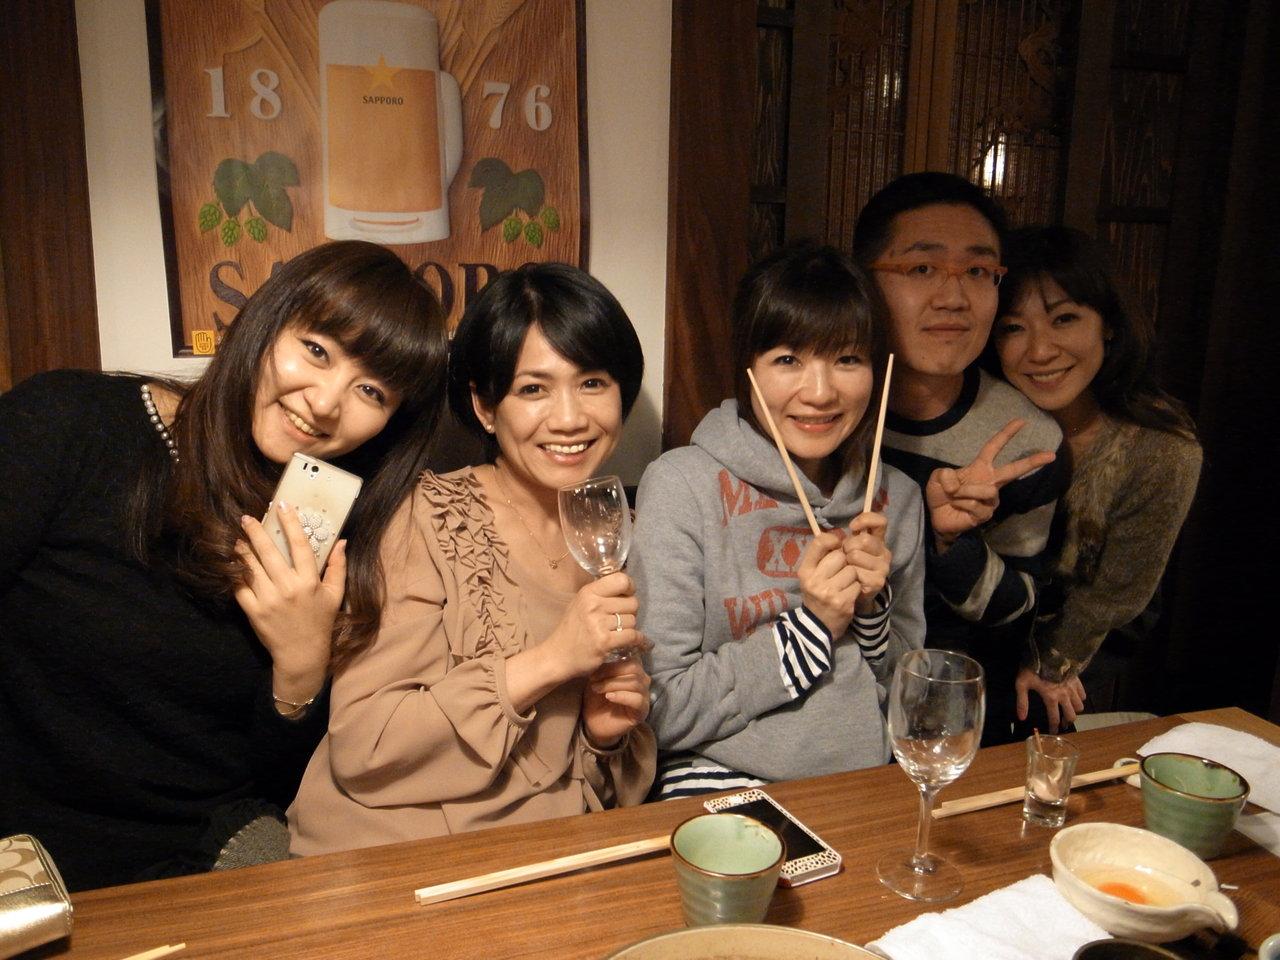 六本木の「豚組 @butagumi」で馬しゃぶ食べたら、芸能人だらけでビビった話。